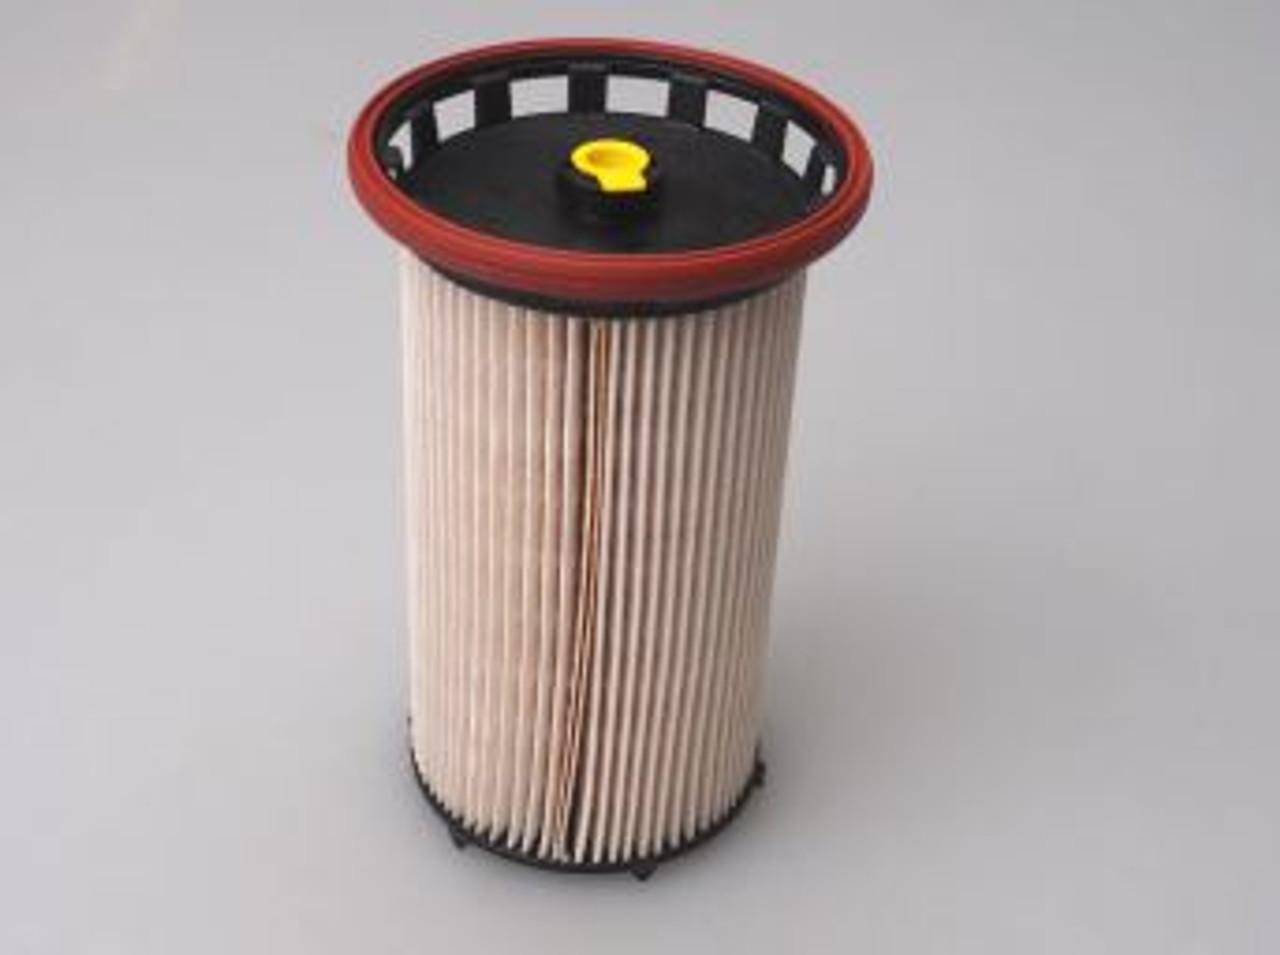 AUDI Fuel Filter 5Q0127177B